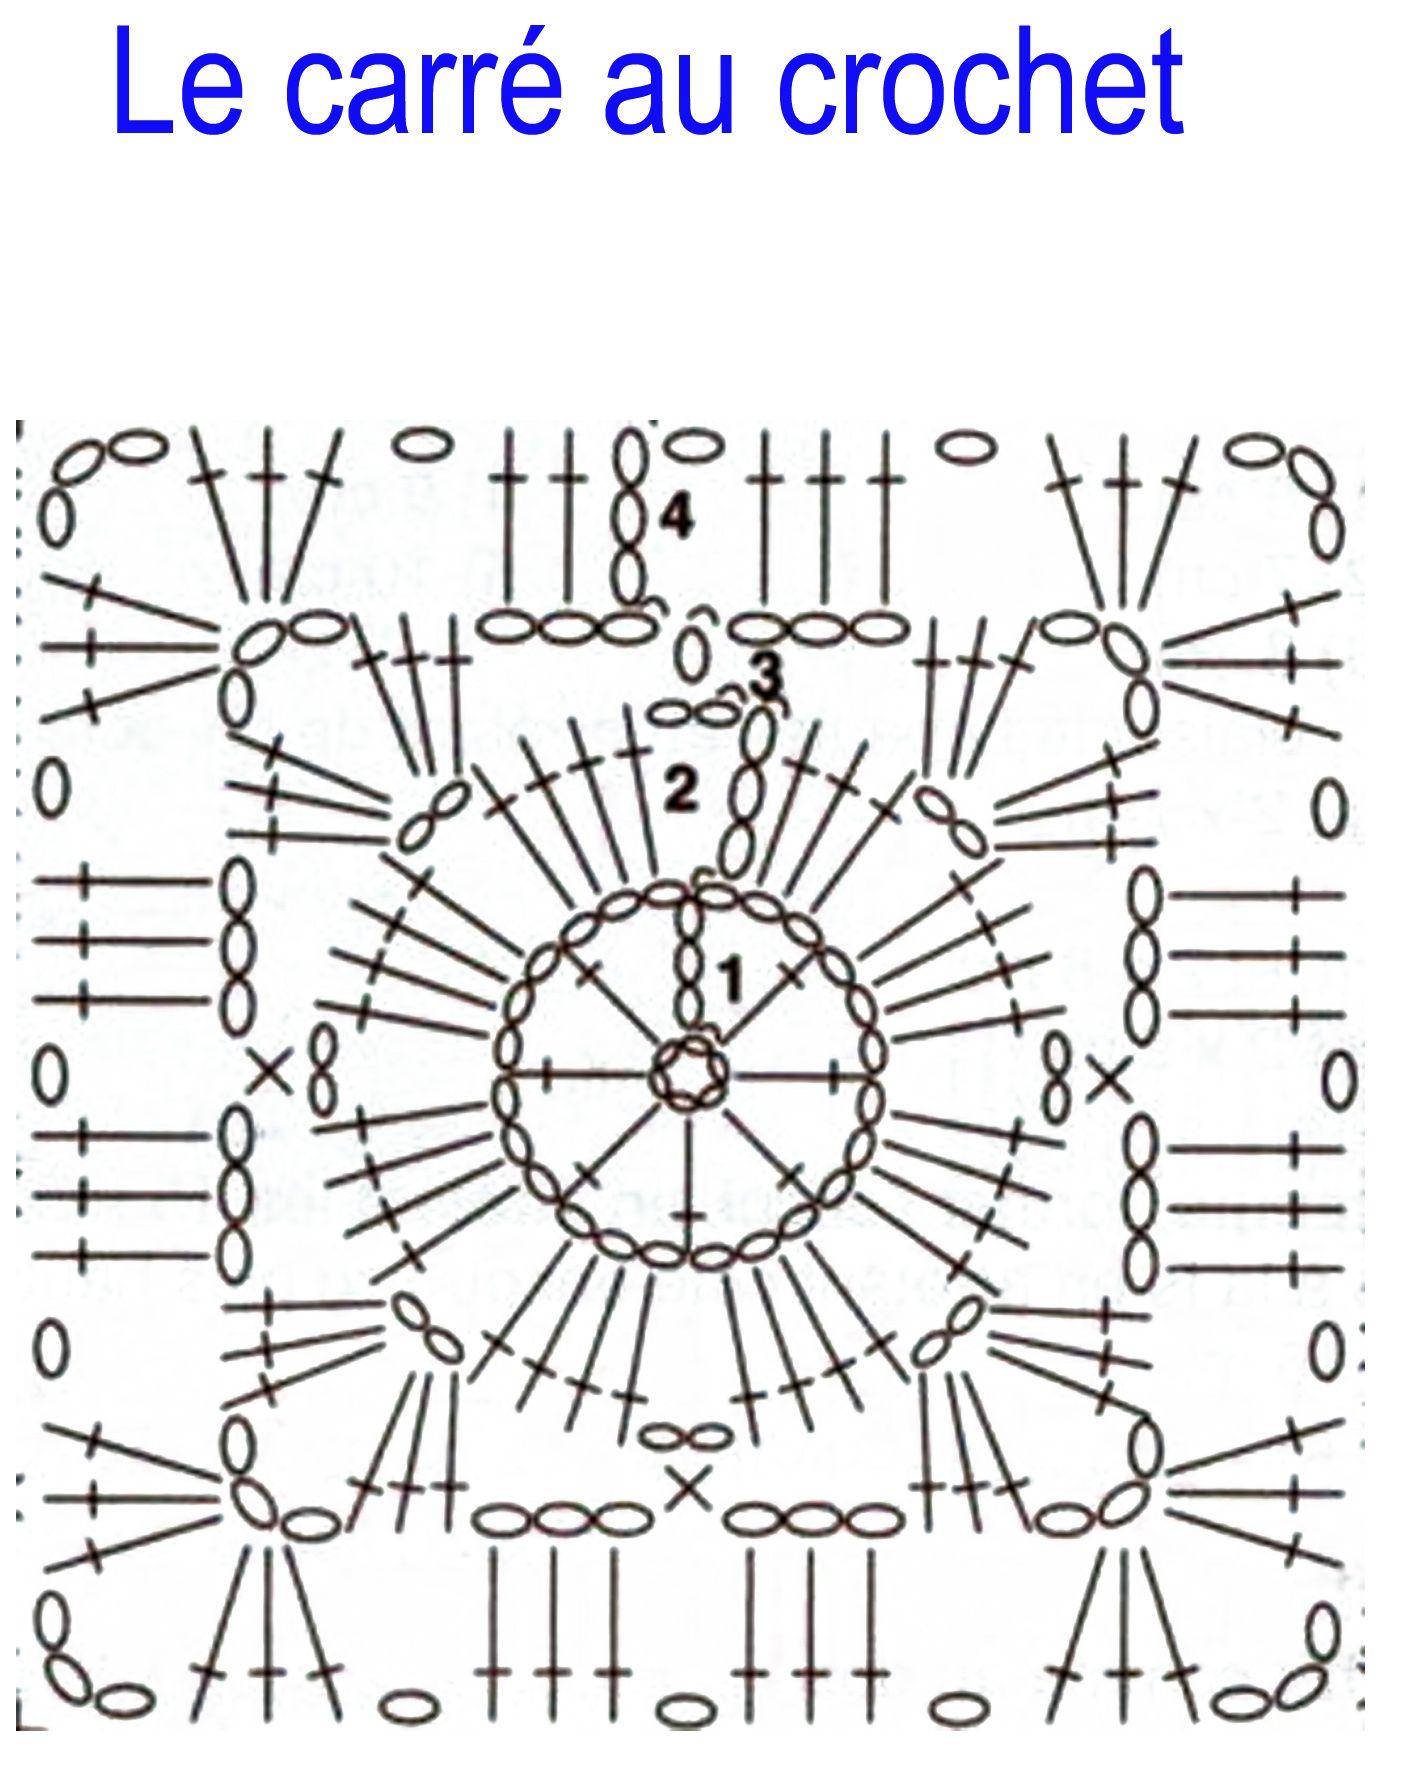 Carré Au Crochet Pour Couverture Xhb12 Napanonprofits